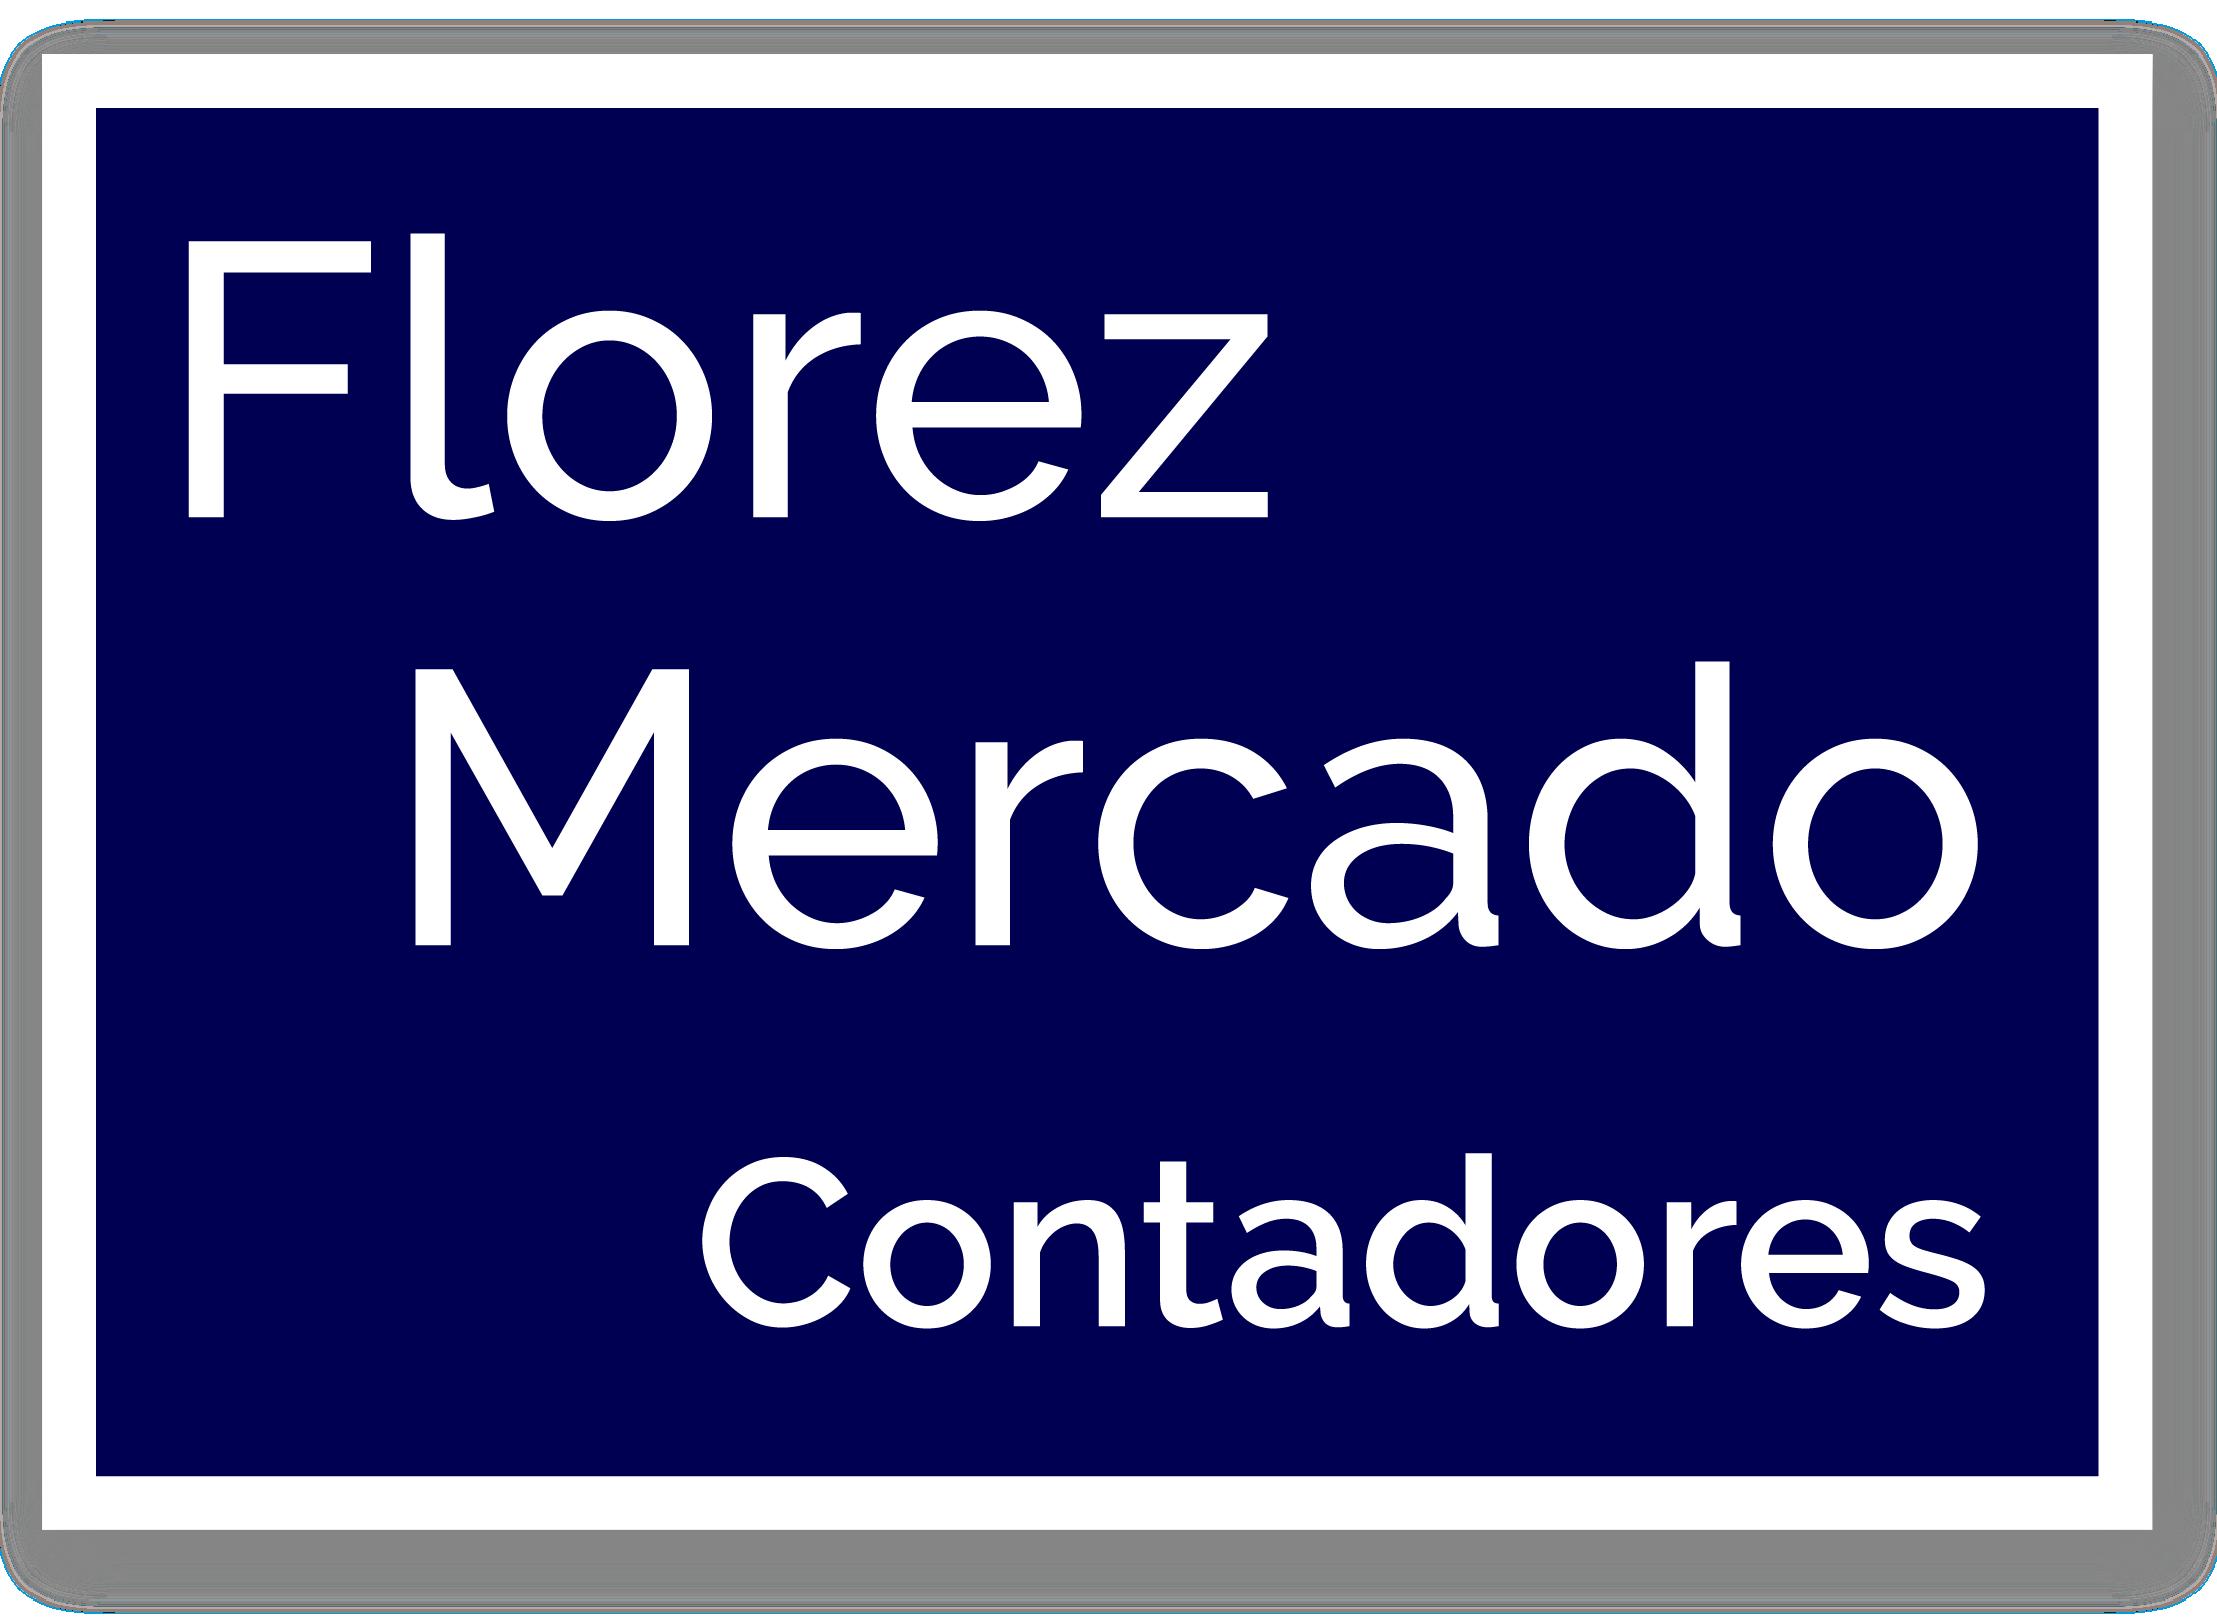 Florez Mercado Contadores